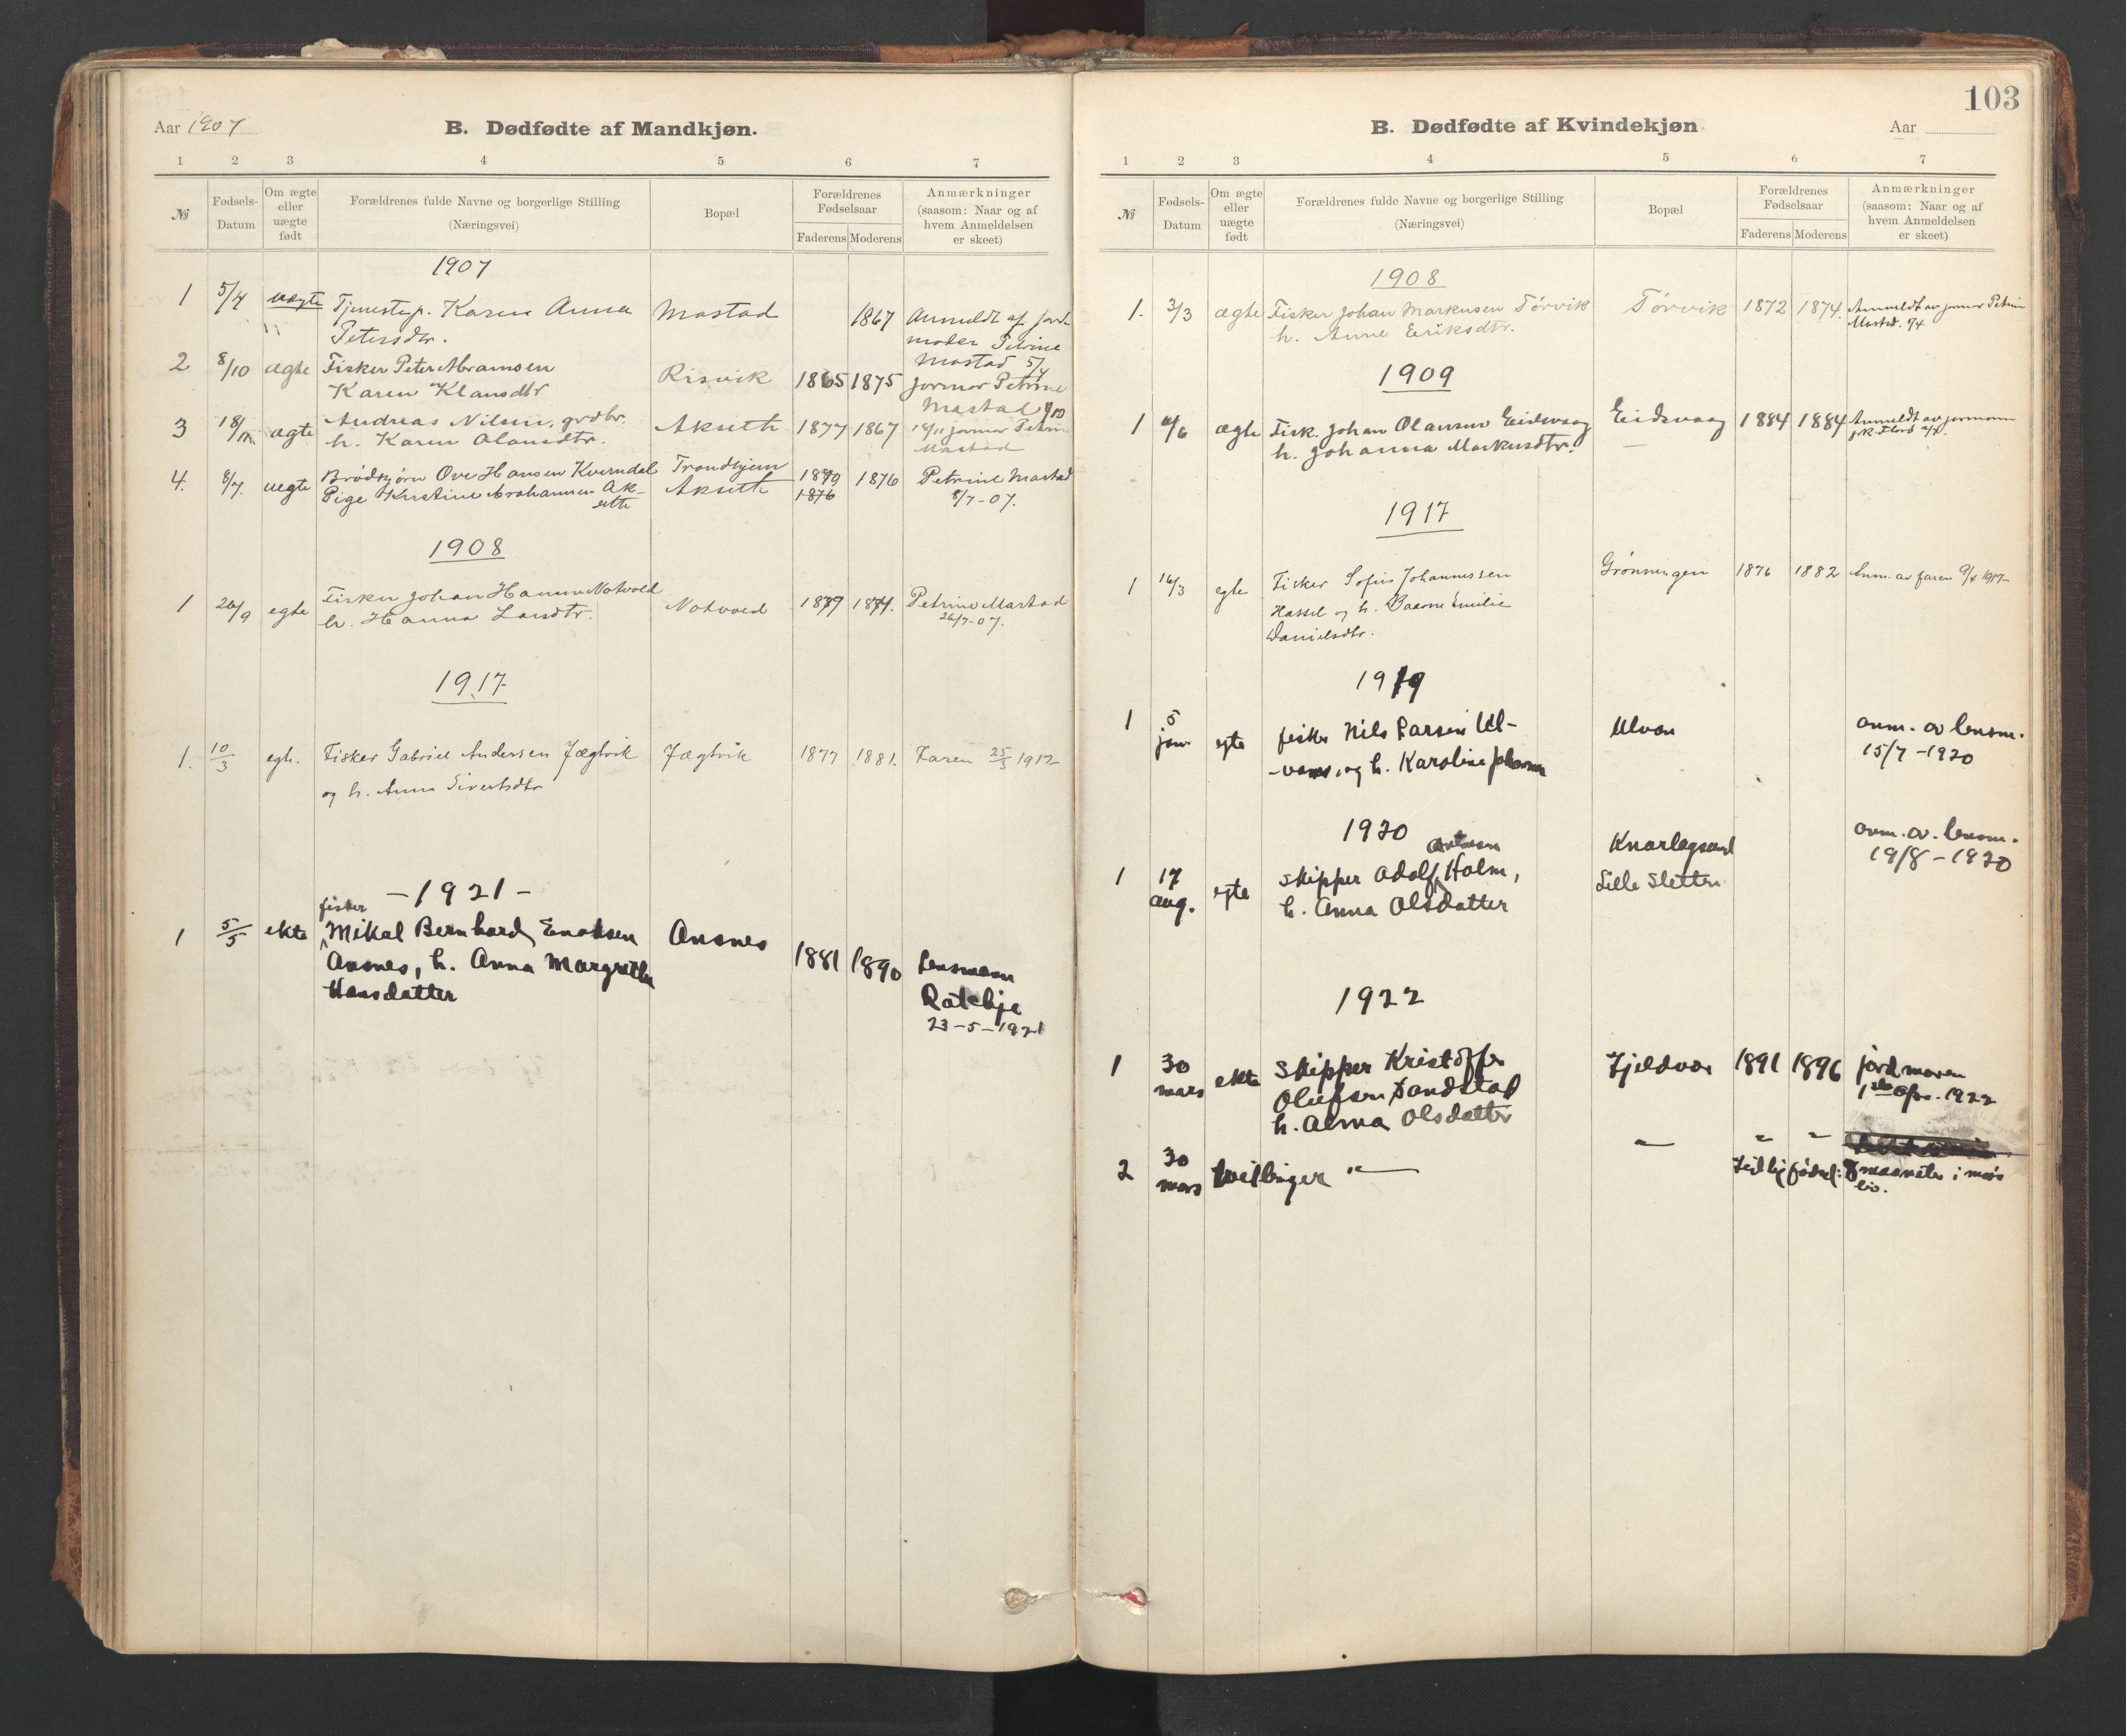 SAT, Ministerialprotokoller, klokkerbøker og fødselsregistre - Sør-Trøndelag, 637/L0559: Ministerialbok nr. 637A02, 1899-1923, s. 103